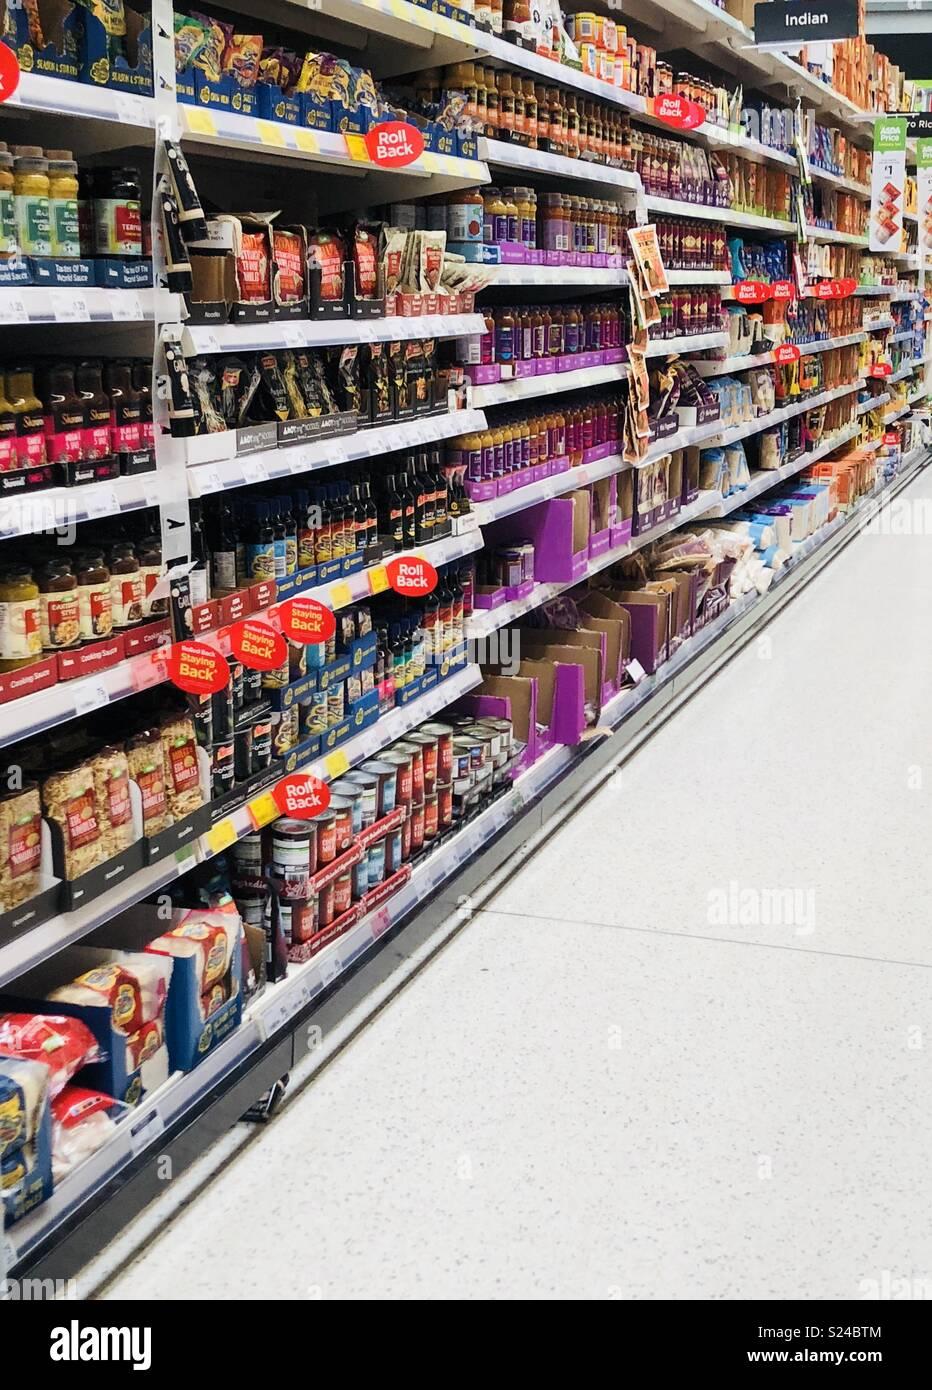 Supermarket shopping aisle - Stock Image